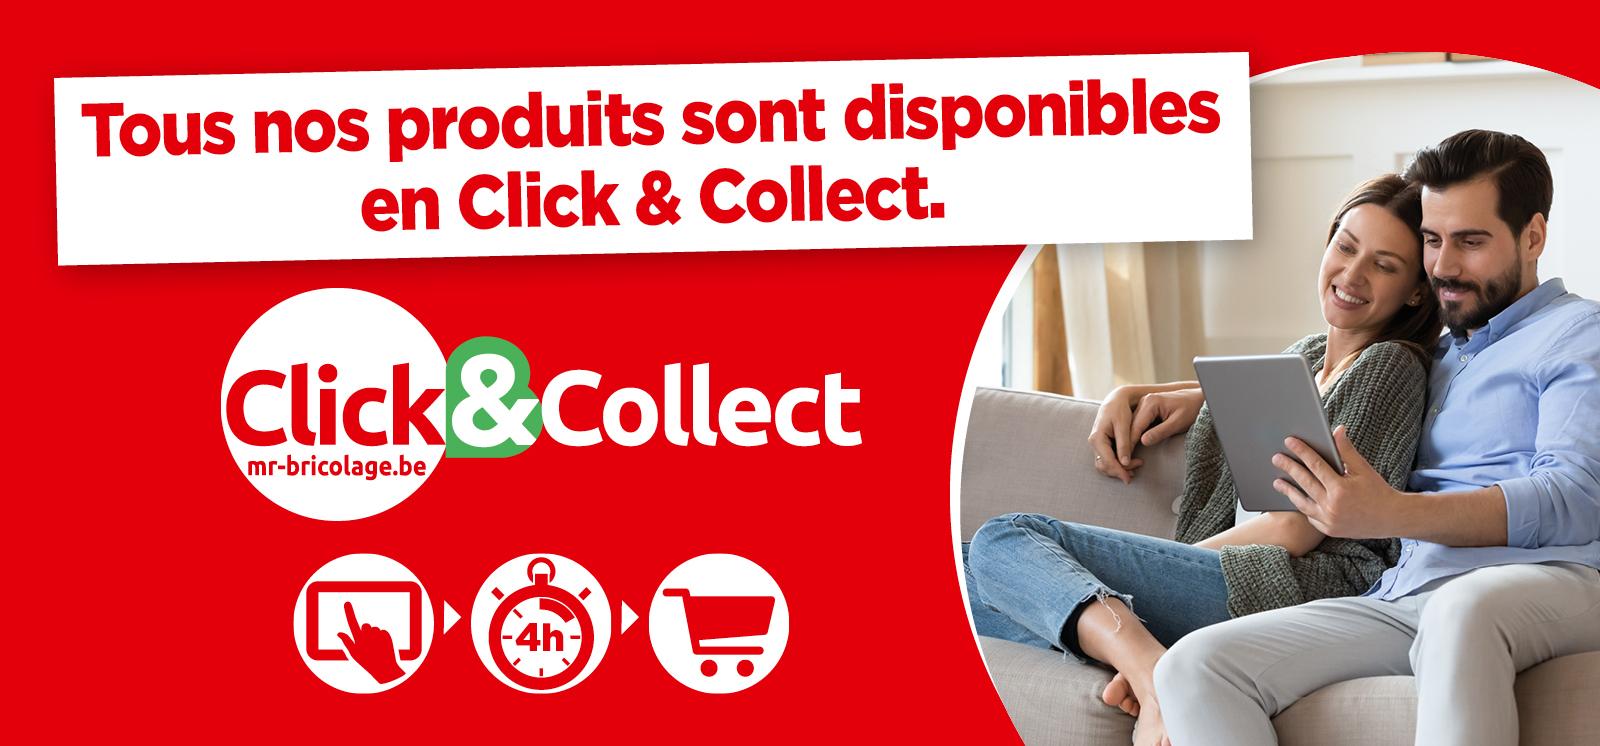 Promo - Click & Collect